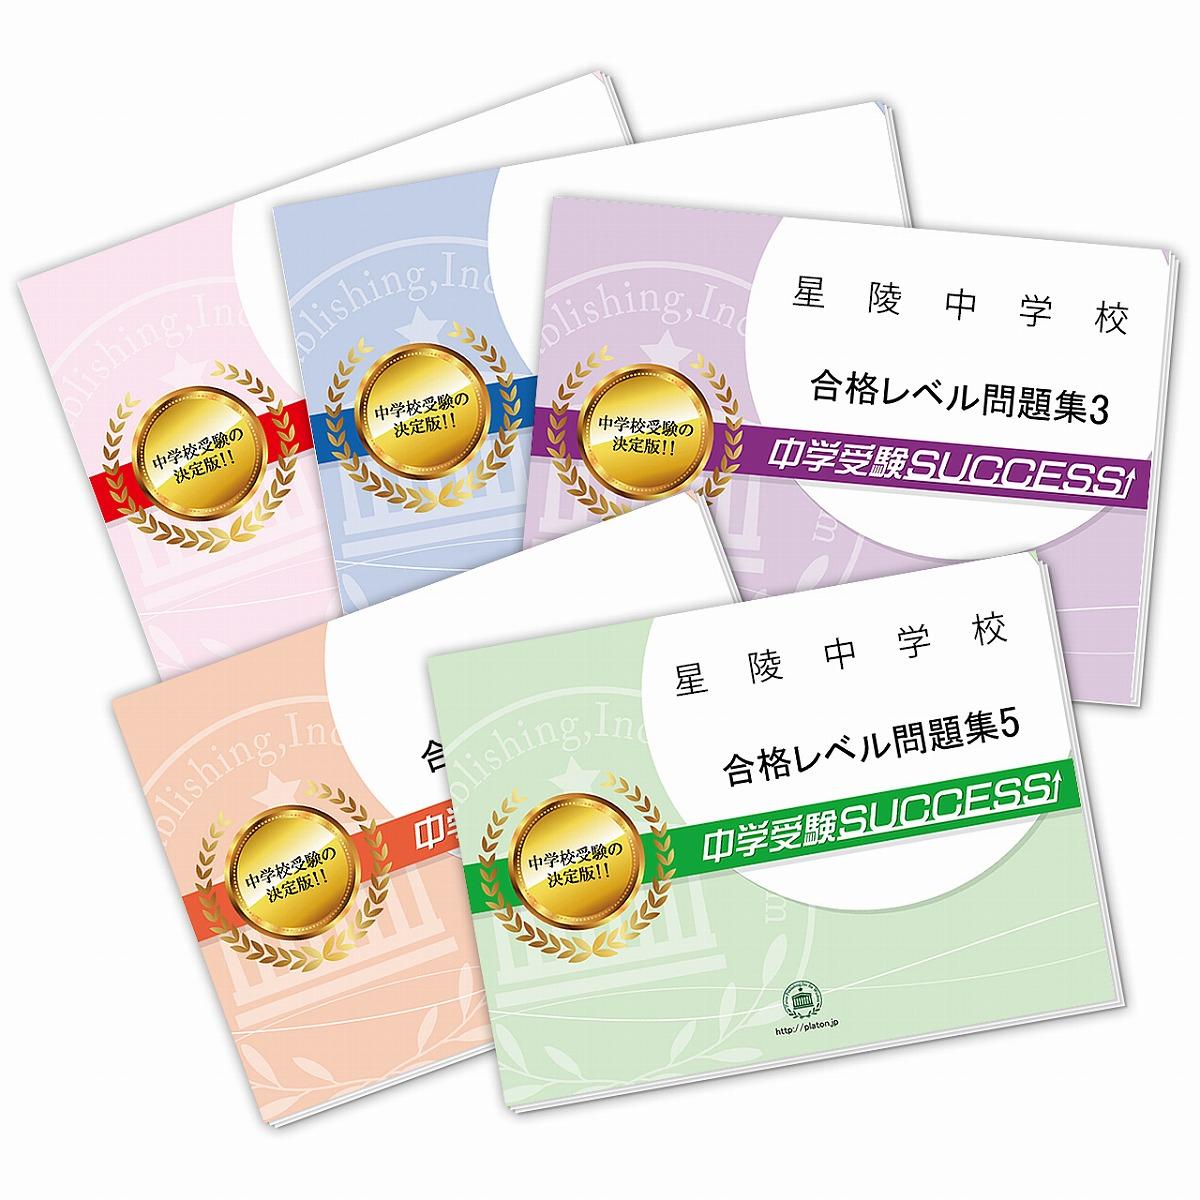 【送料・代引手数料無料】星陵中学校・直前対策合格セット(5冊)